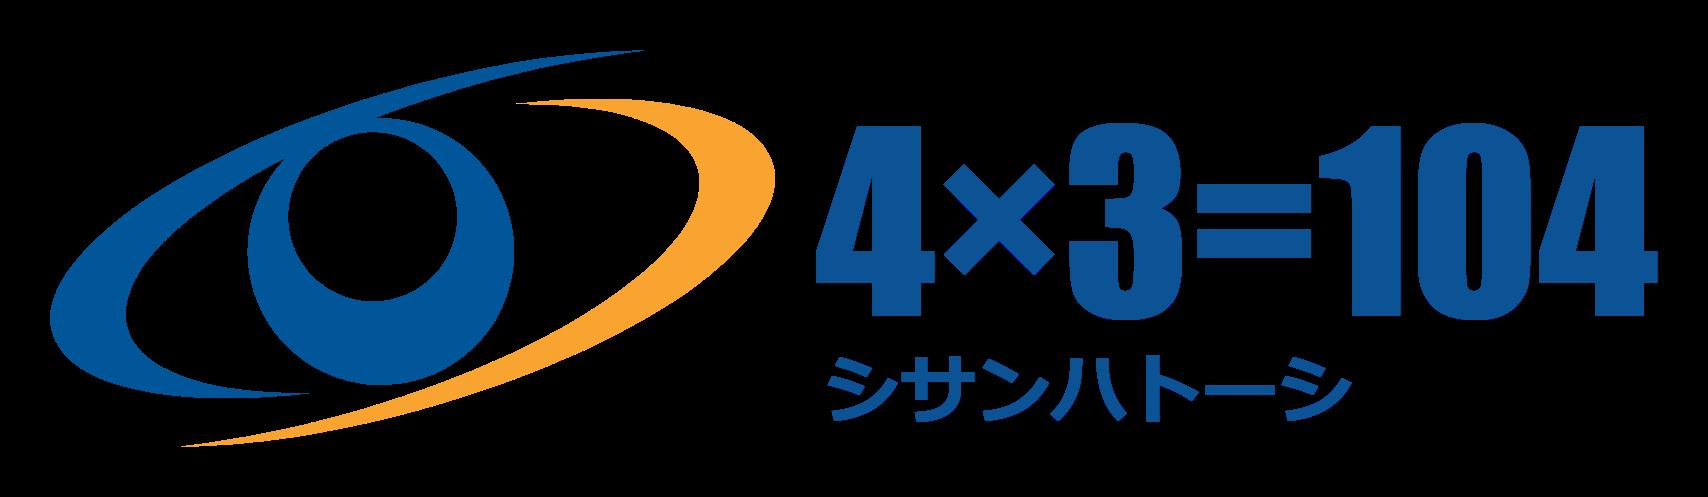 シサンハトーシ【4×3=104】